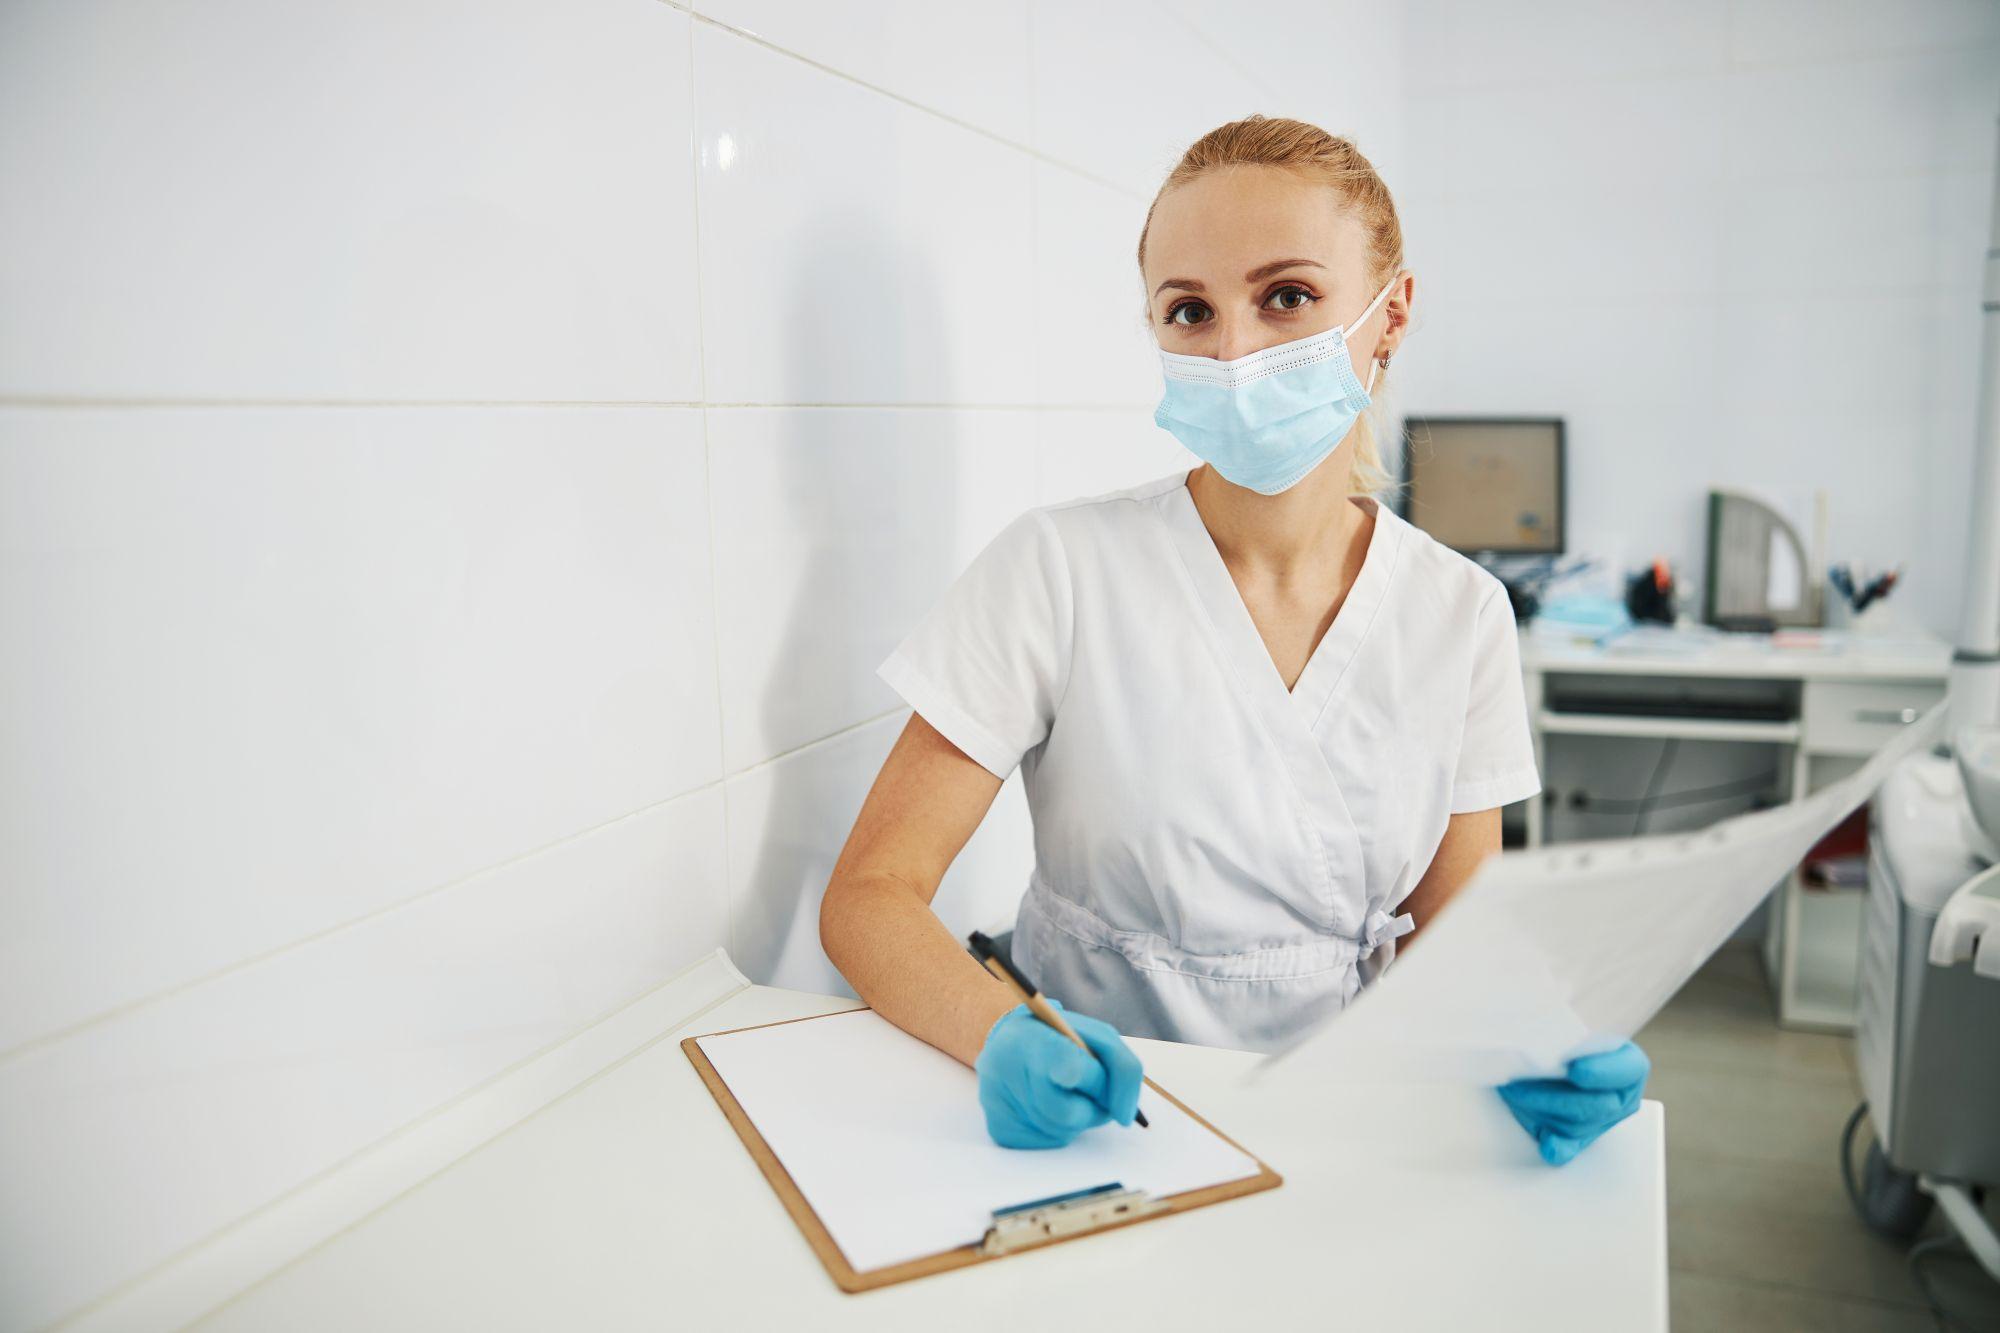 O doctoriţă cu mască de protecţie stă pe scaun şi notează într-un raport